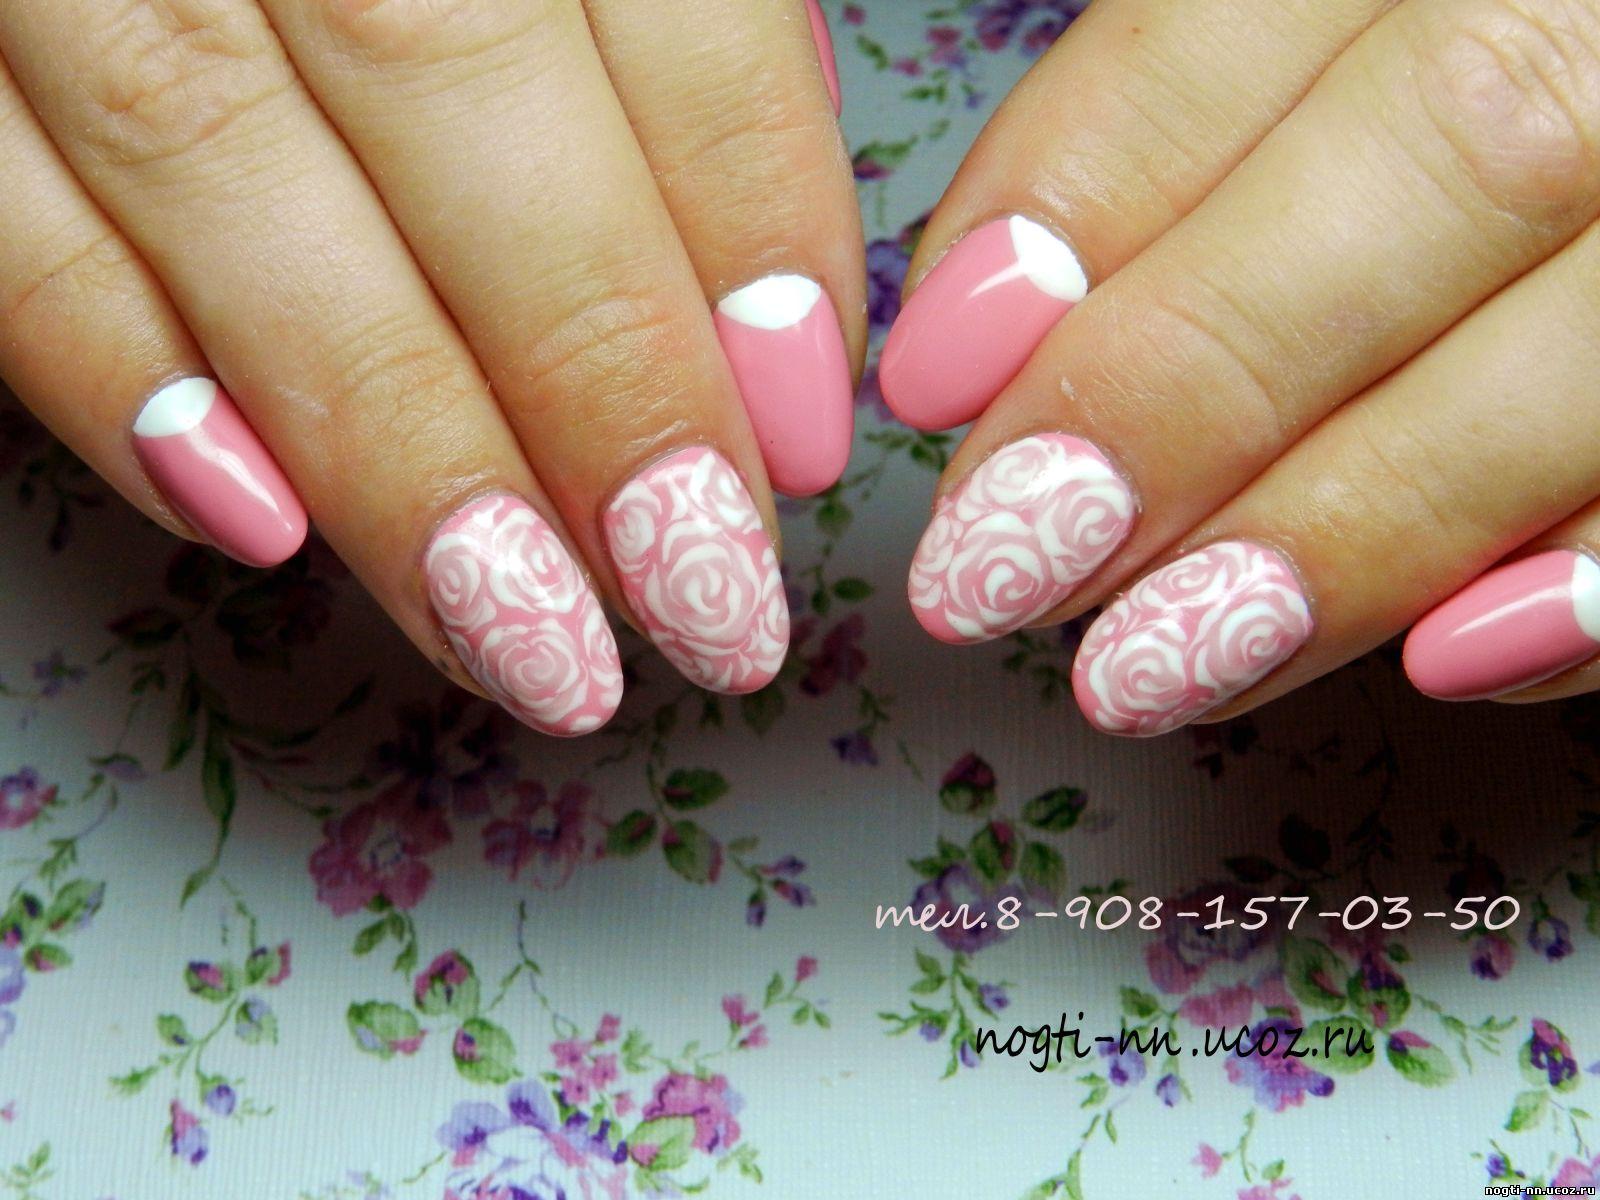 Маникюр с розами на ногтях фото